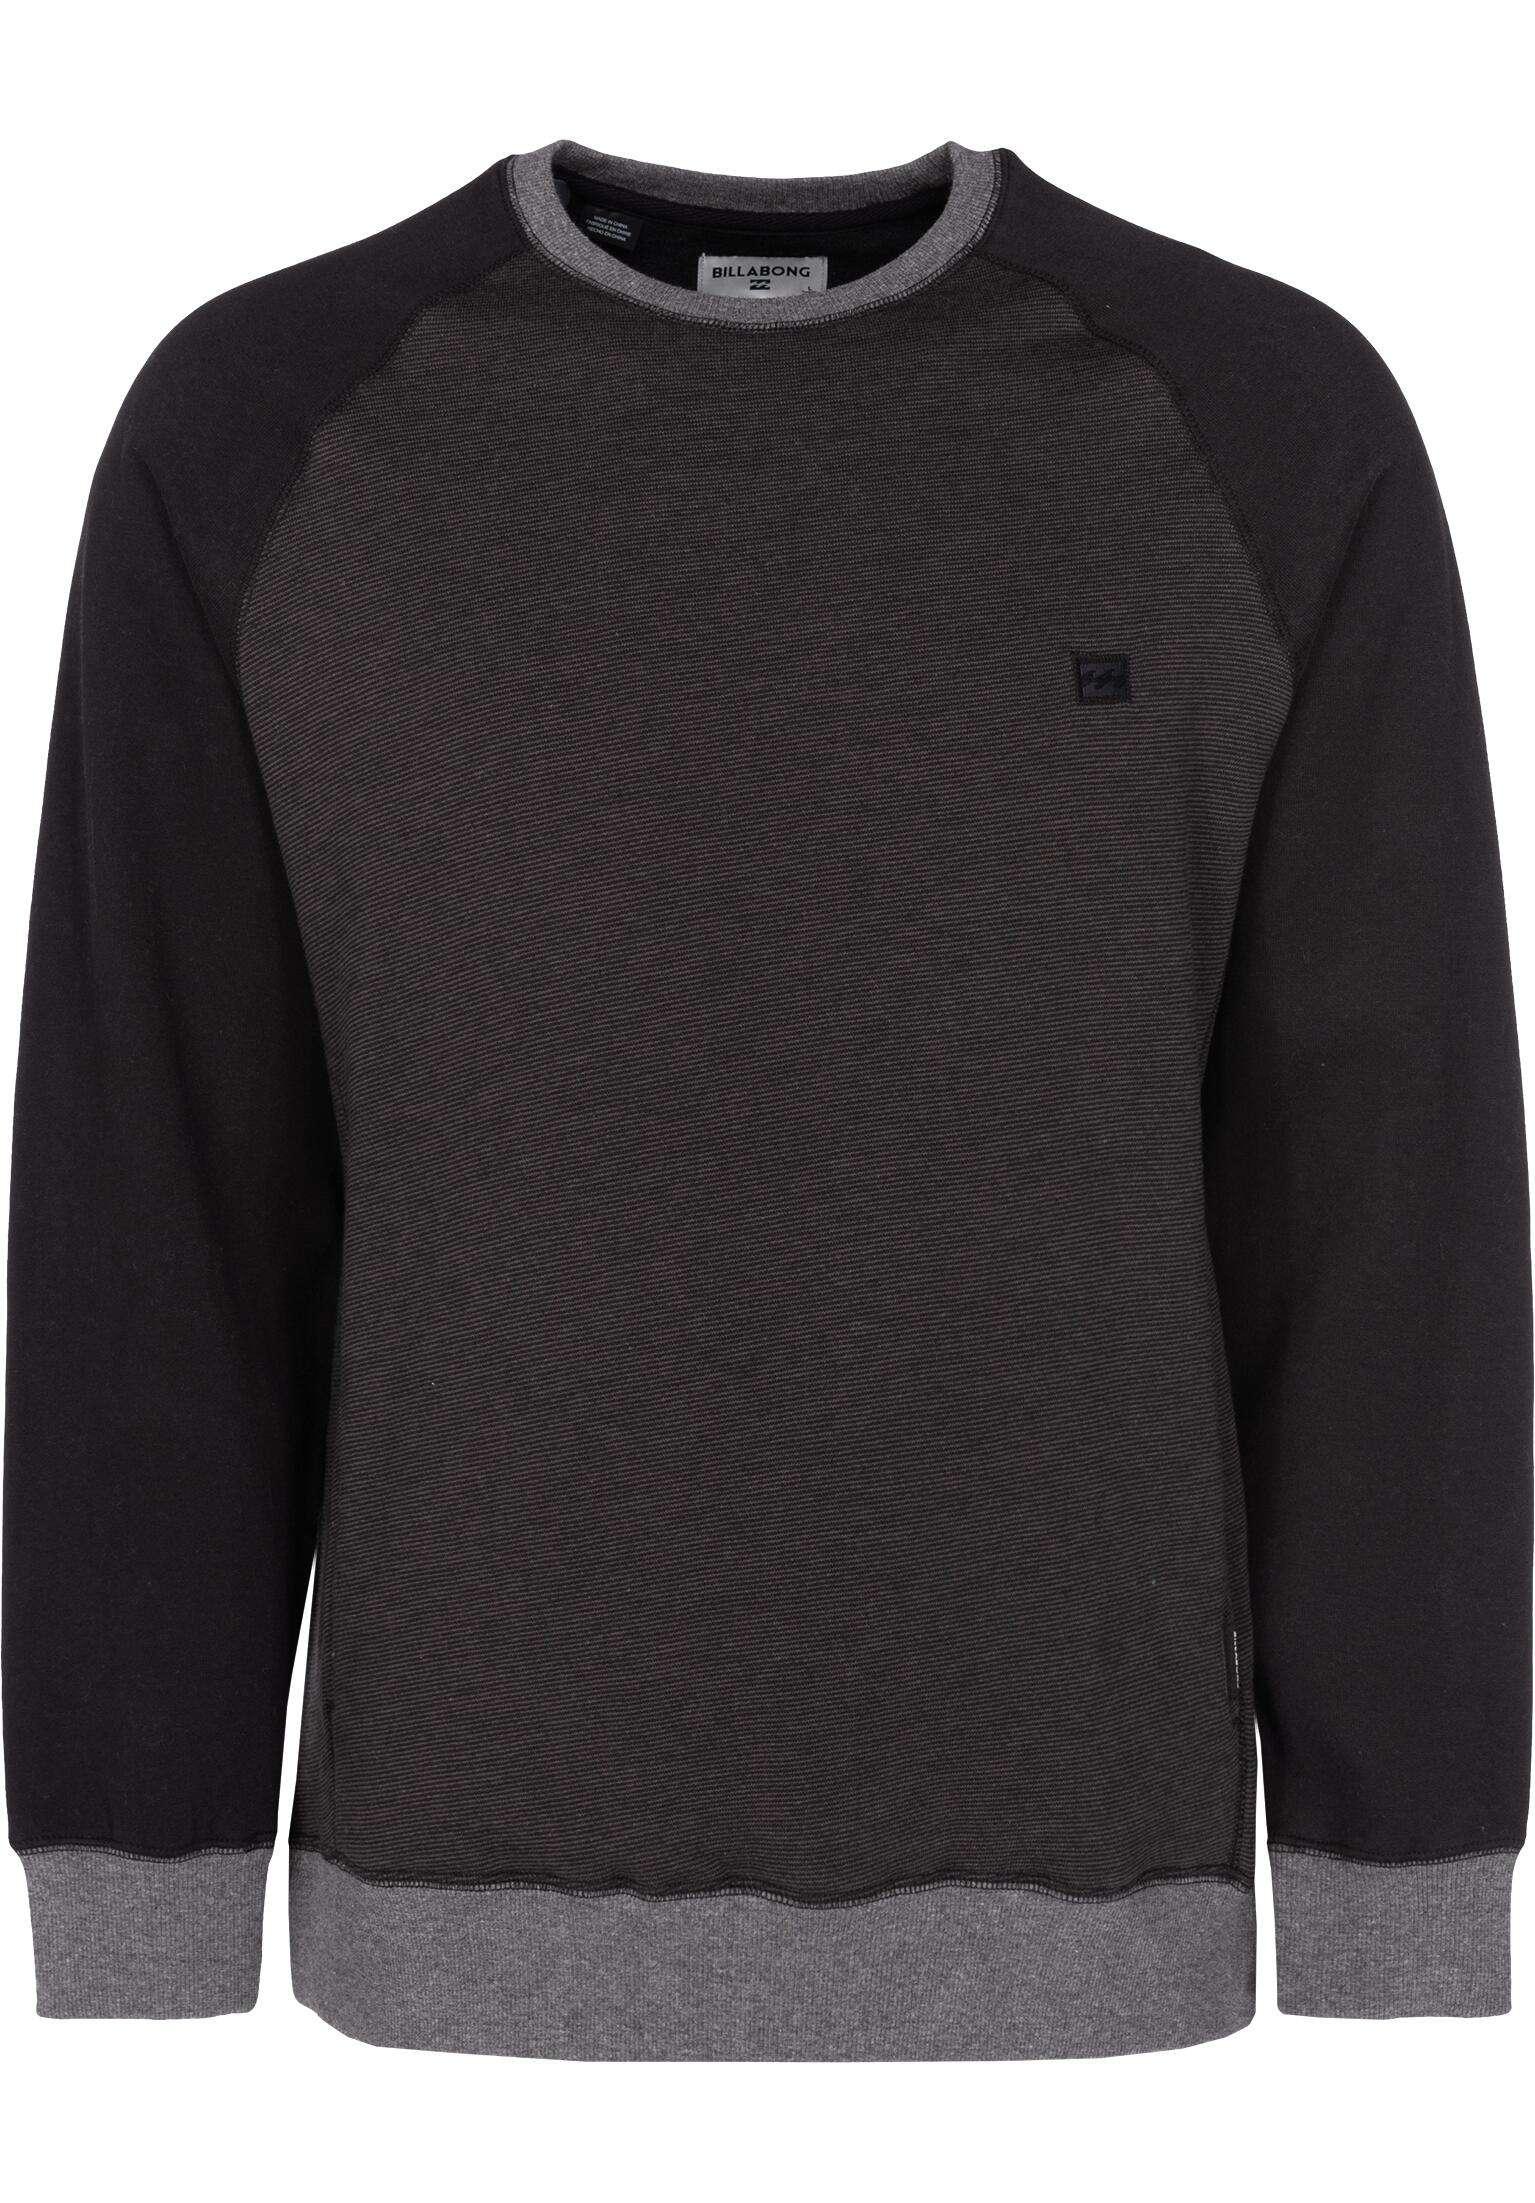 Balance Black Titus Overs Homme Et Crew Billabong En Pour Pull Sweatshirts 0nrwv01qp